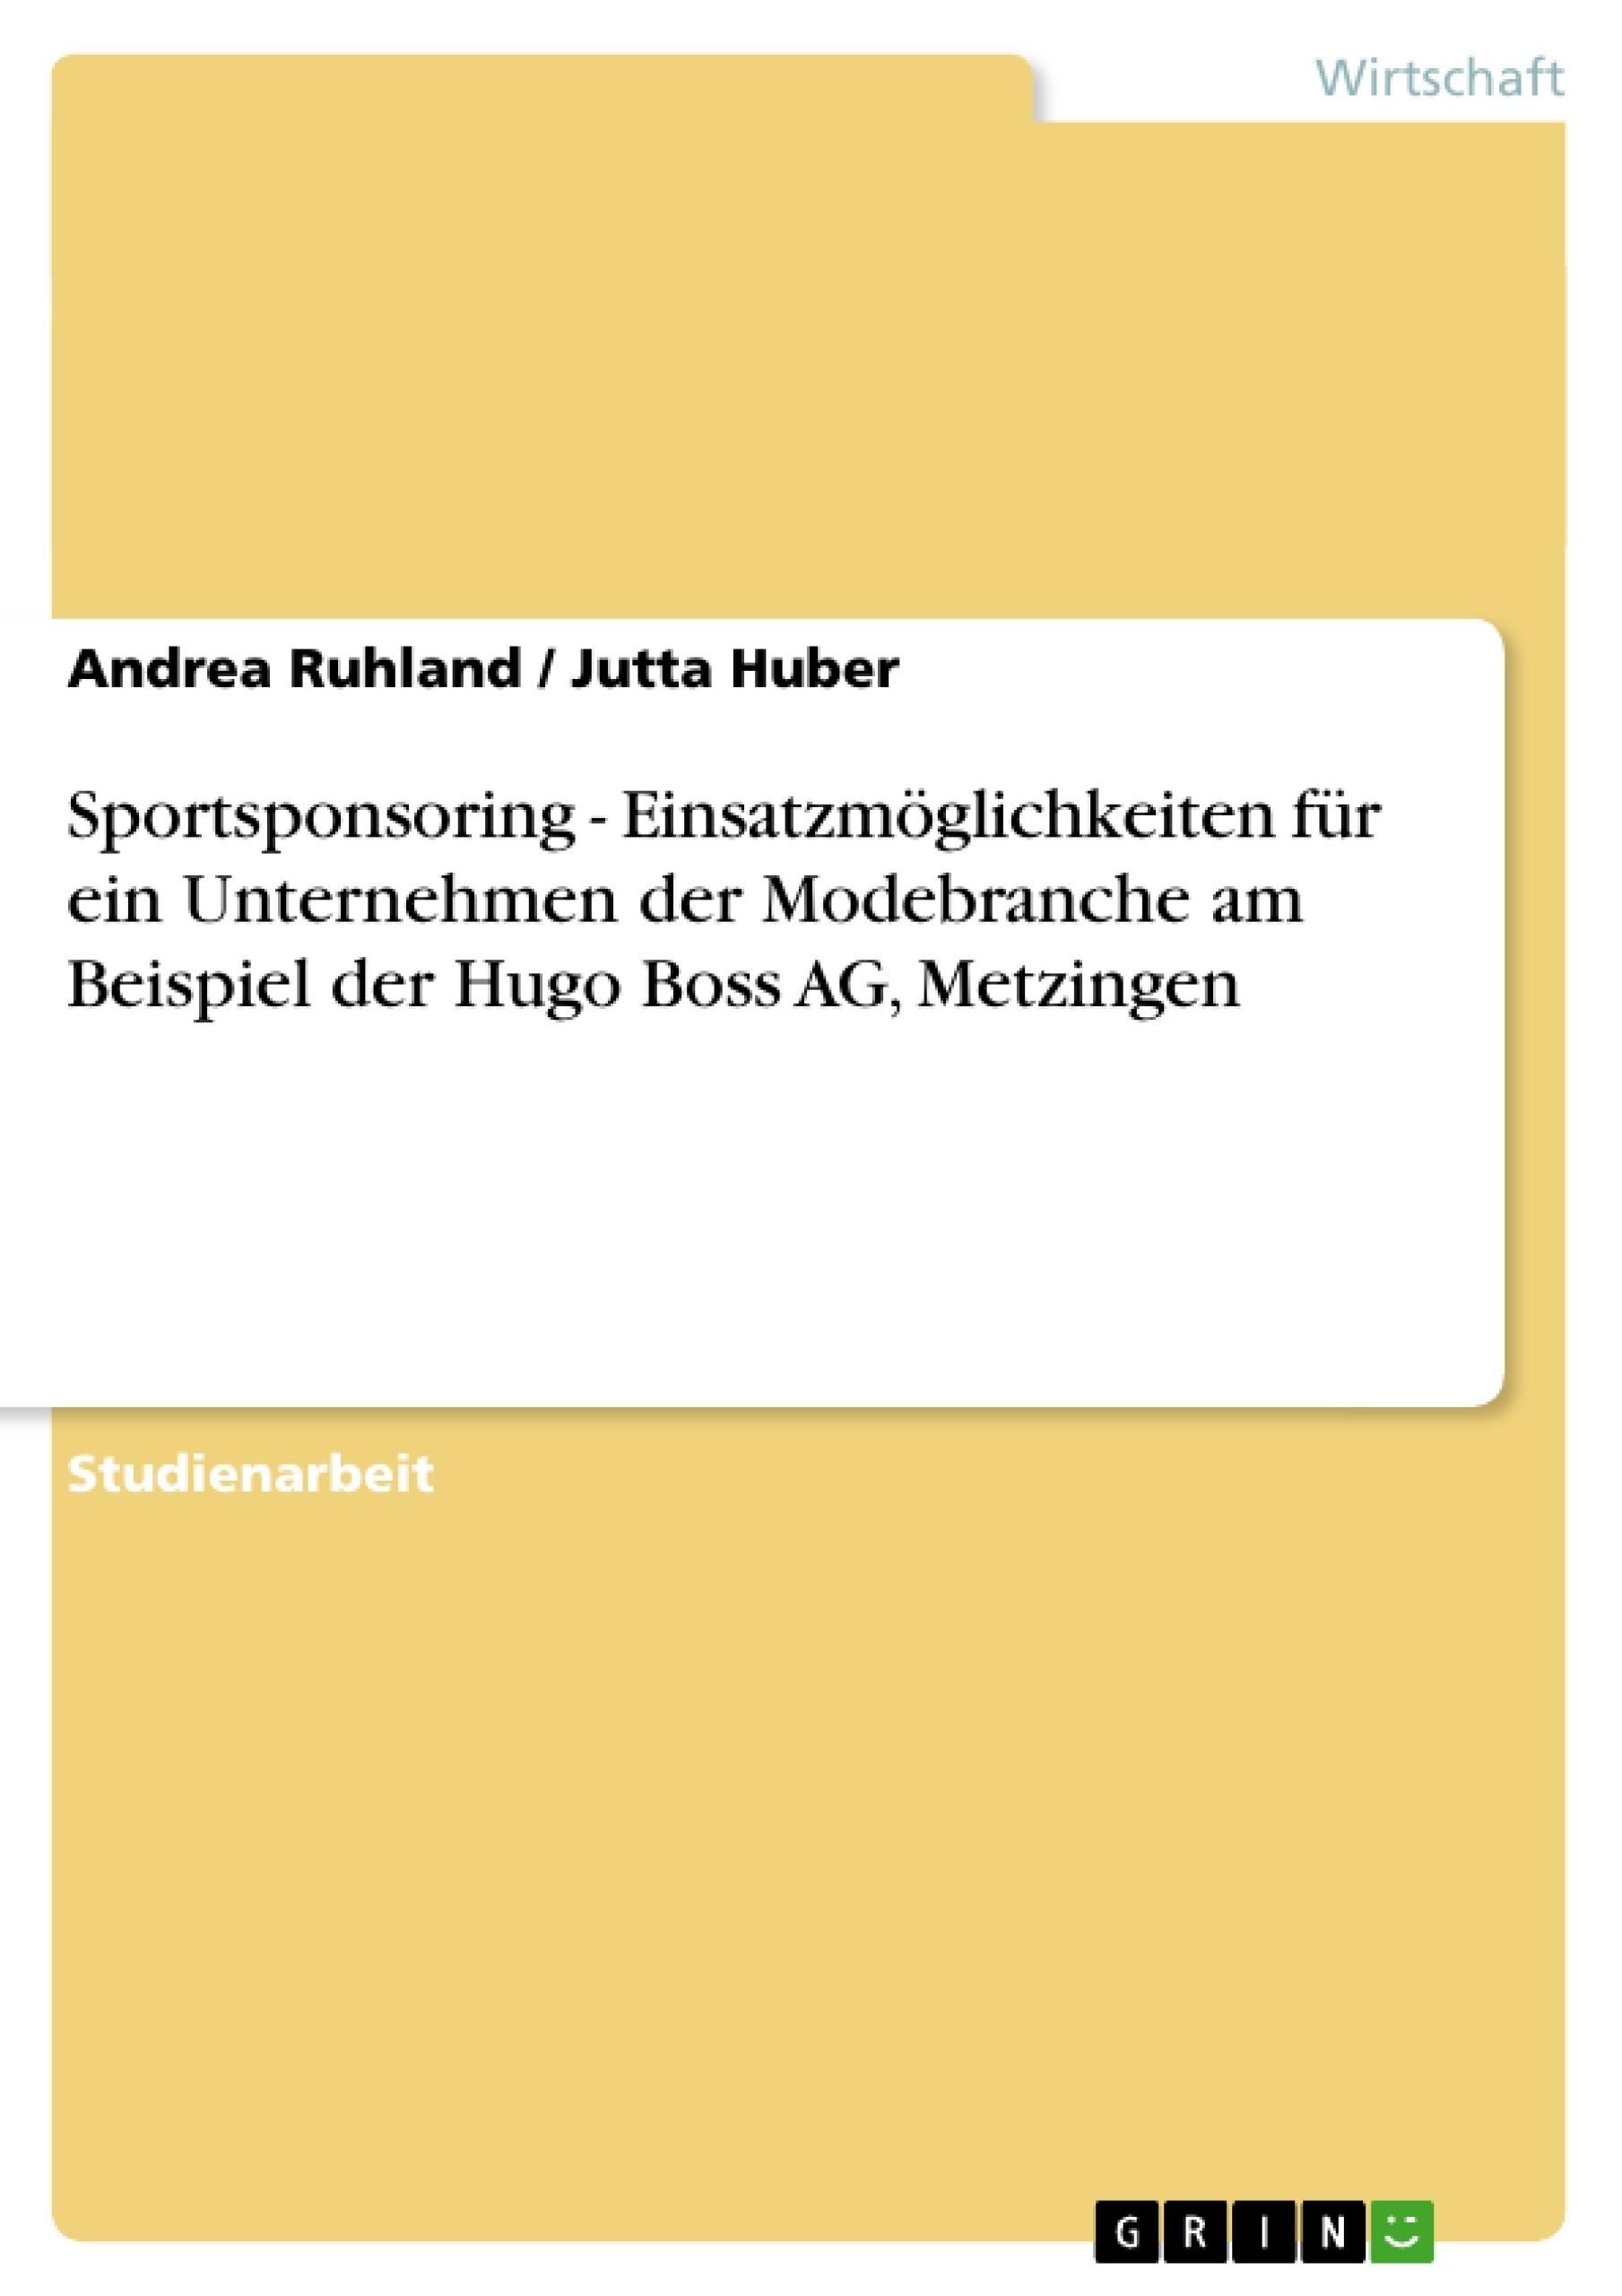 Titel: Sportsponsoring - Einsatzmöglichkeiten für ein Unternehmen der Modebranche am Beispiel der Hugo Boss AG, Metzingen